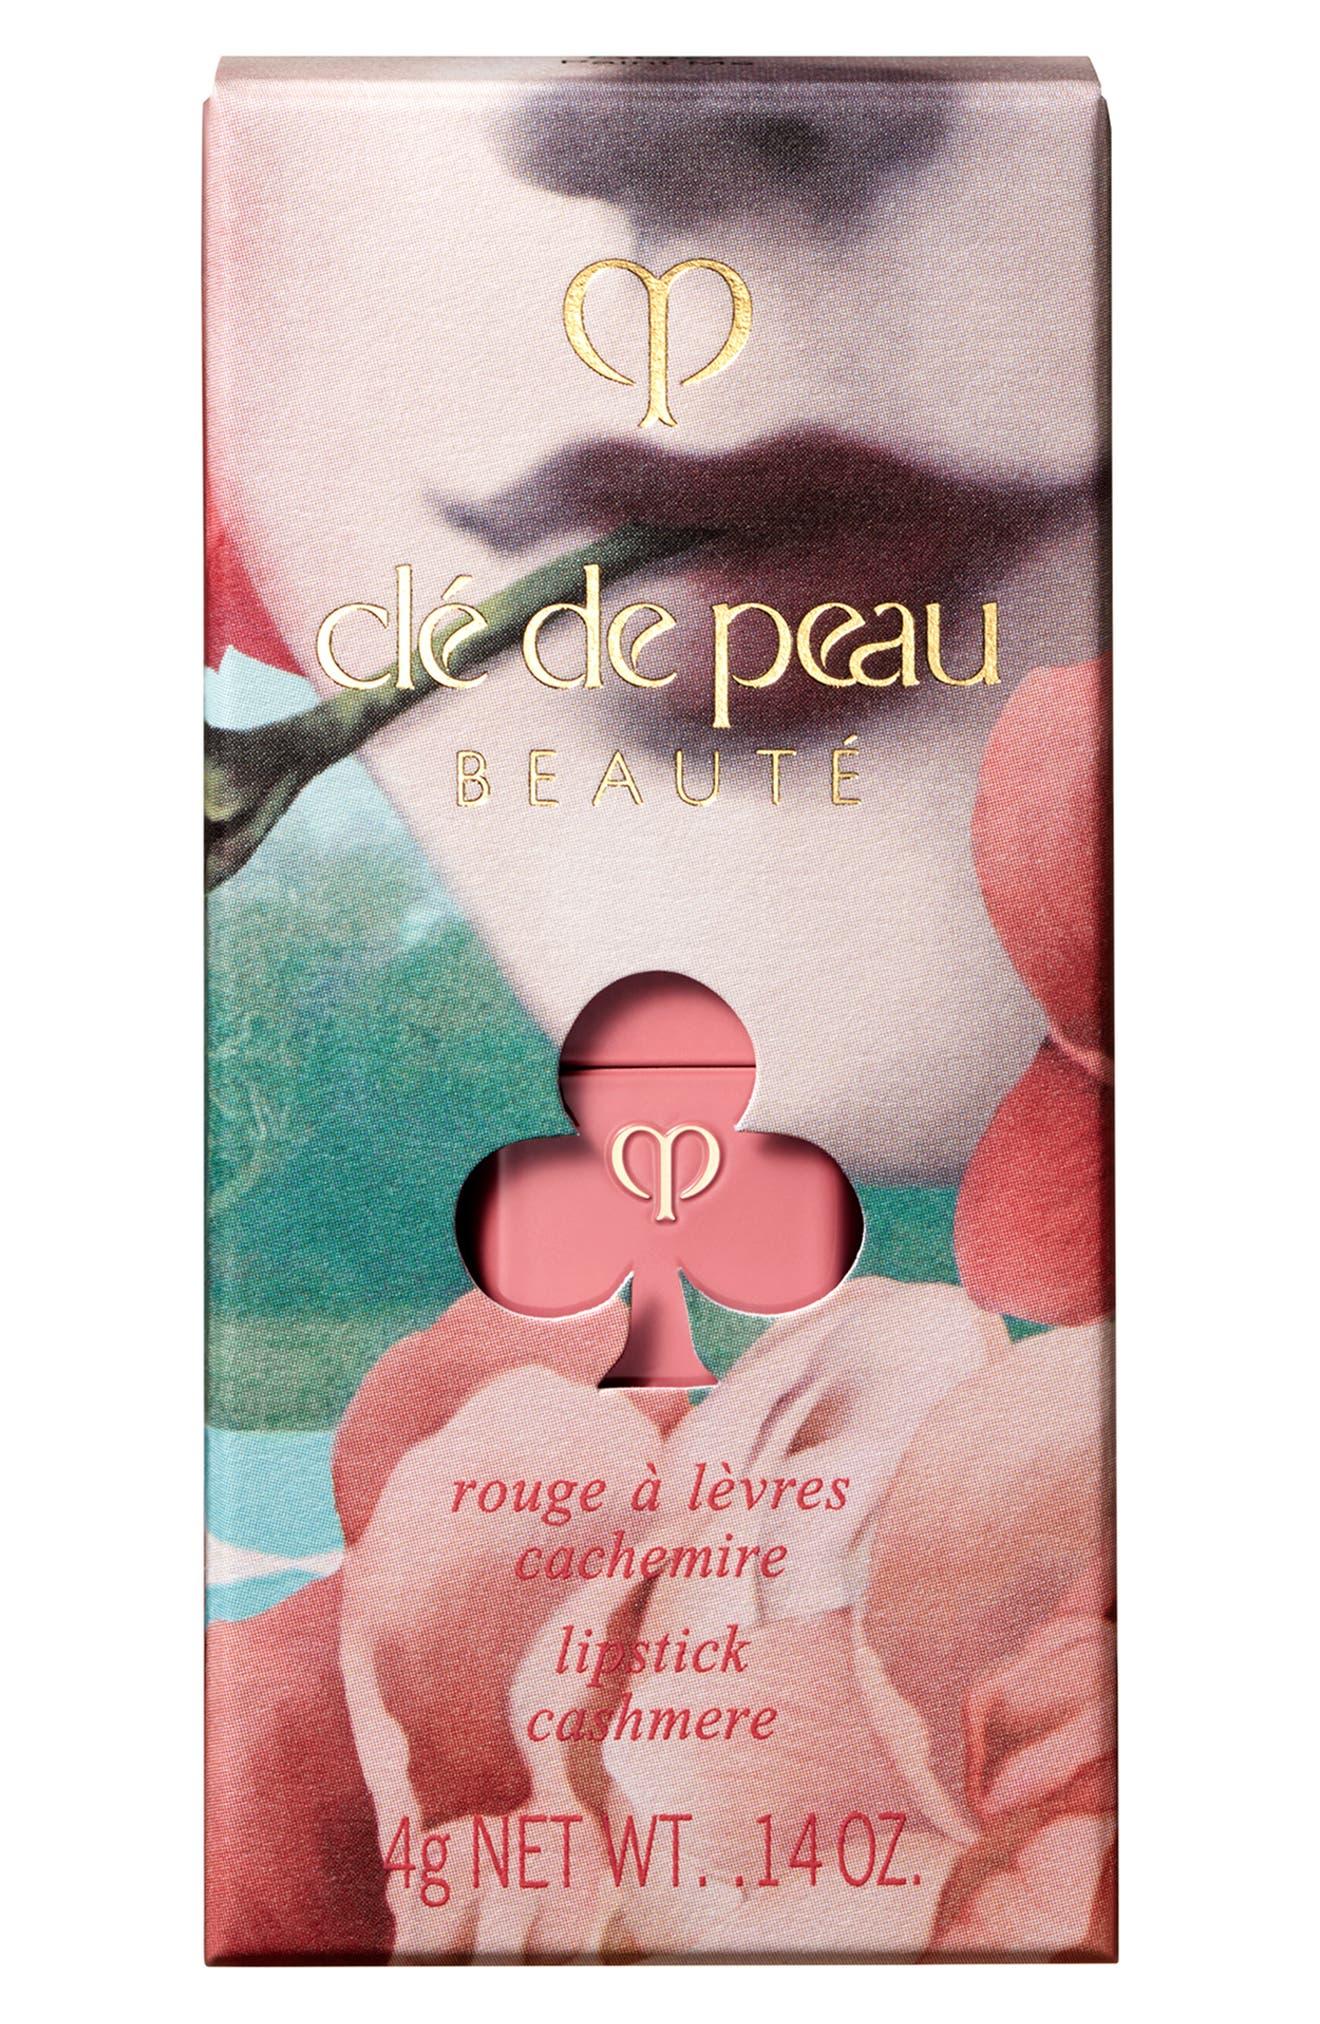 CLÉ DE PEAU BEAUTÉ,                             Lipstick Cashmere,                             Alternate thumbnail 3, color,                             609